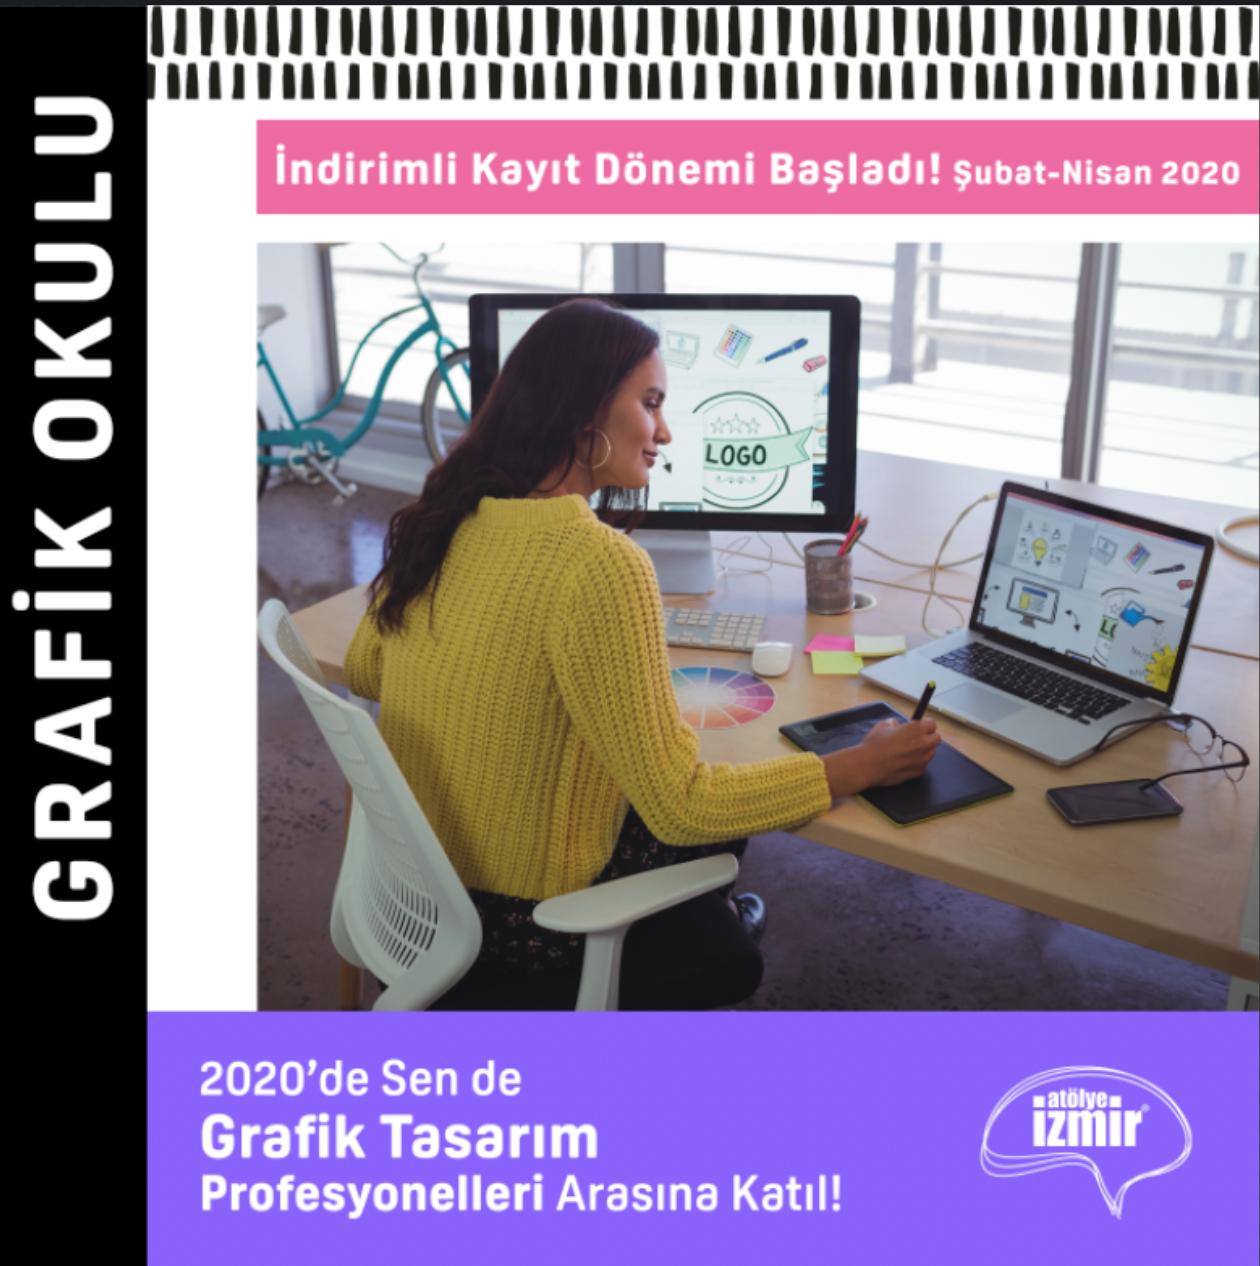 Atölye İzmir Grafik Okulu 2020